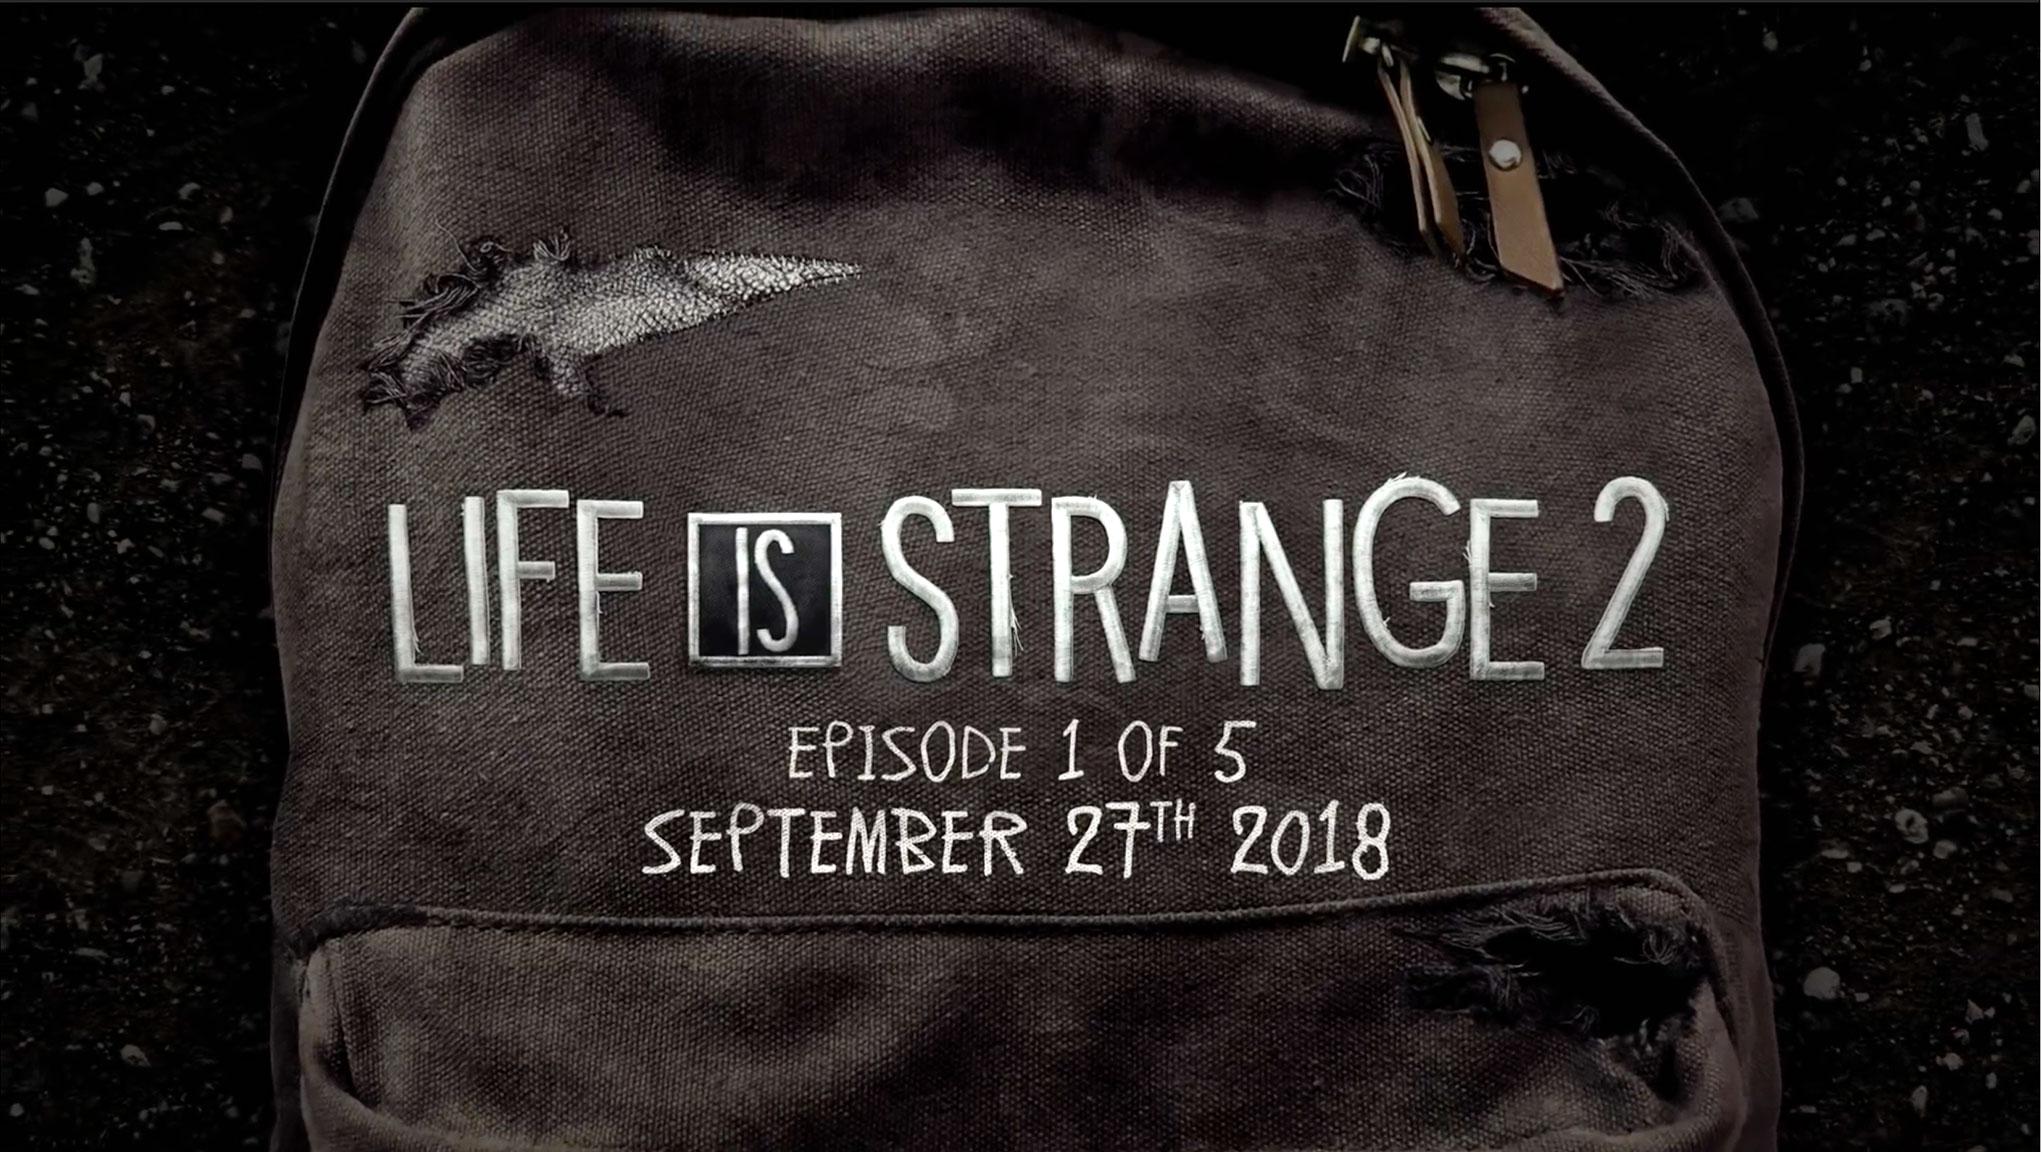 """Multiple-Choice-Dialoge, große Gefühle und ein Hauch von Mystery: Mit """"Life is Strange 2"""" setzt Dontnod am 27. September seinen Erfolg von 2015 fort."""